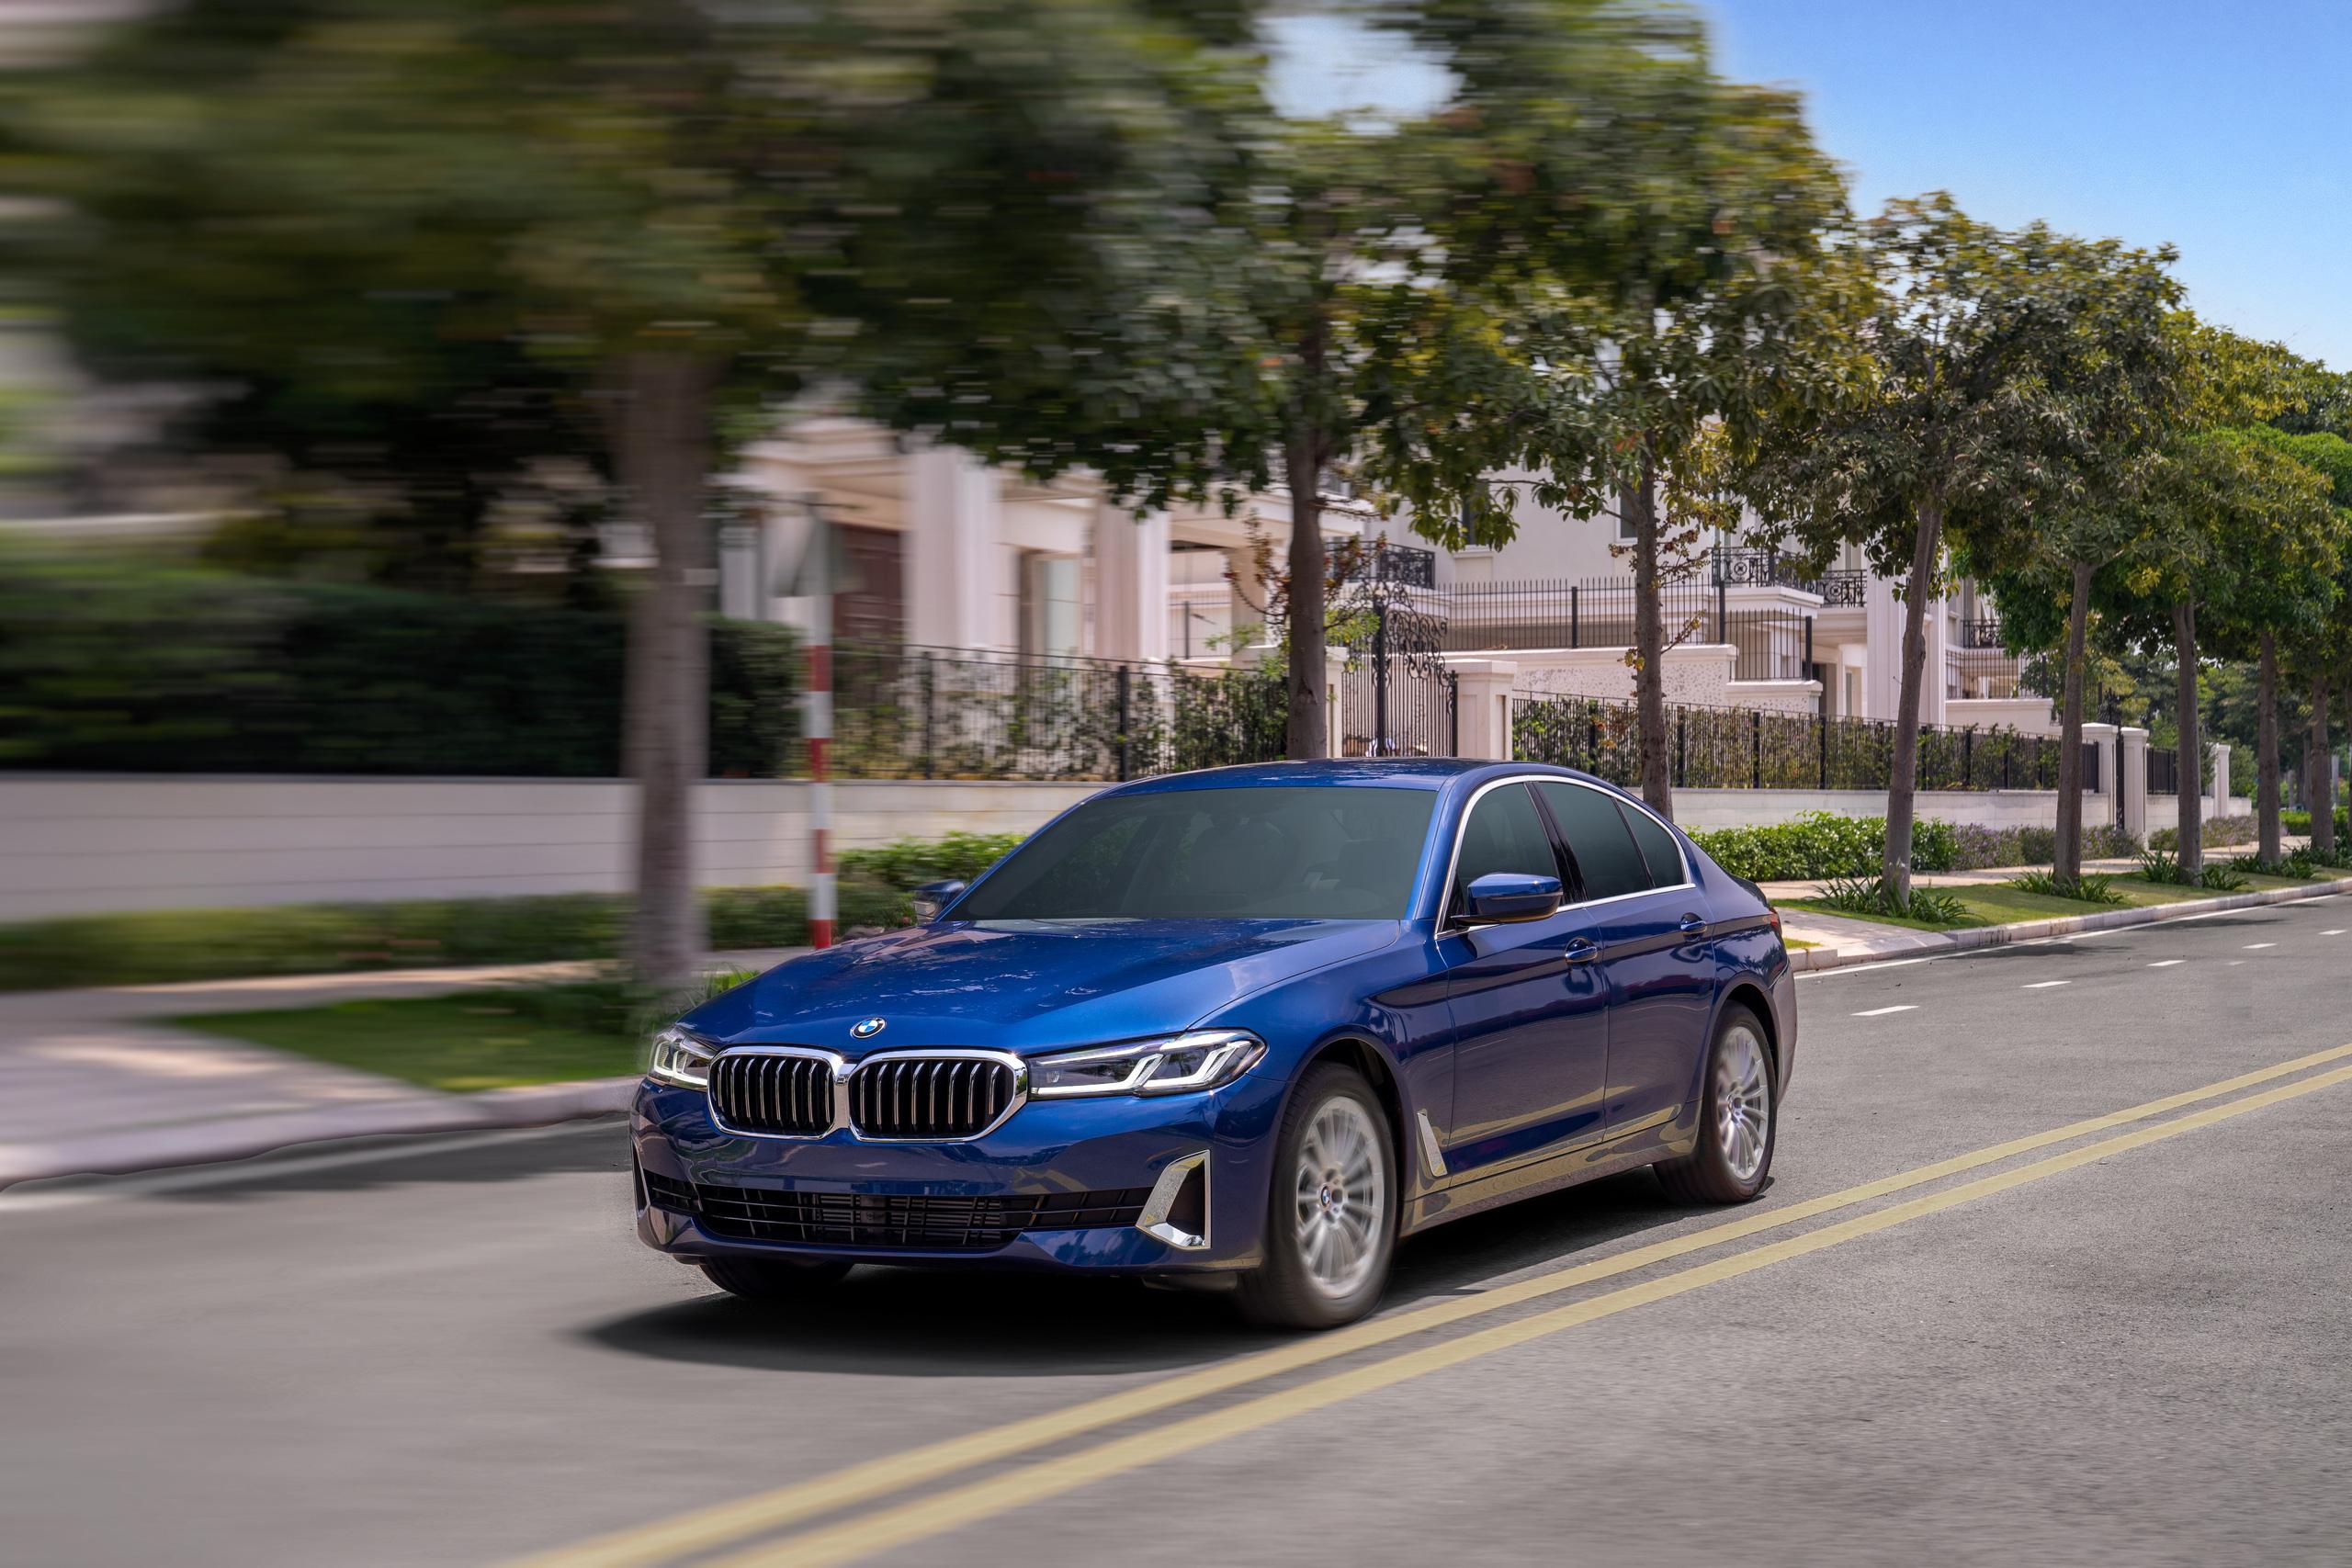 BMW 5 Series 2021 về Việt Nam: Giá từ 2,5 tỷ đồng, đối đầu Mercedes-Benz E-Class - Ảnh 6.